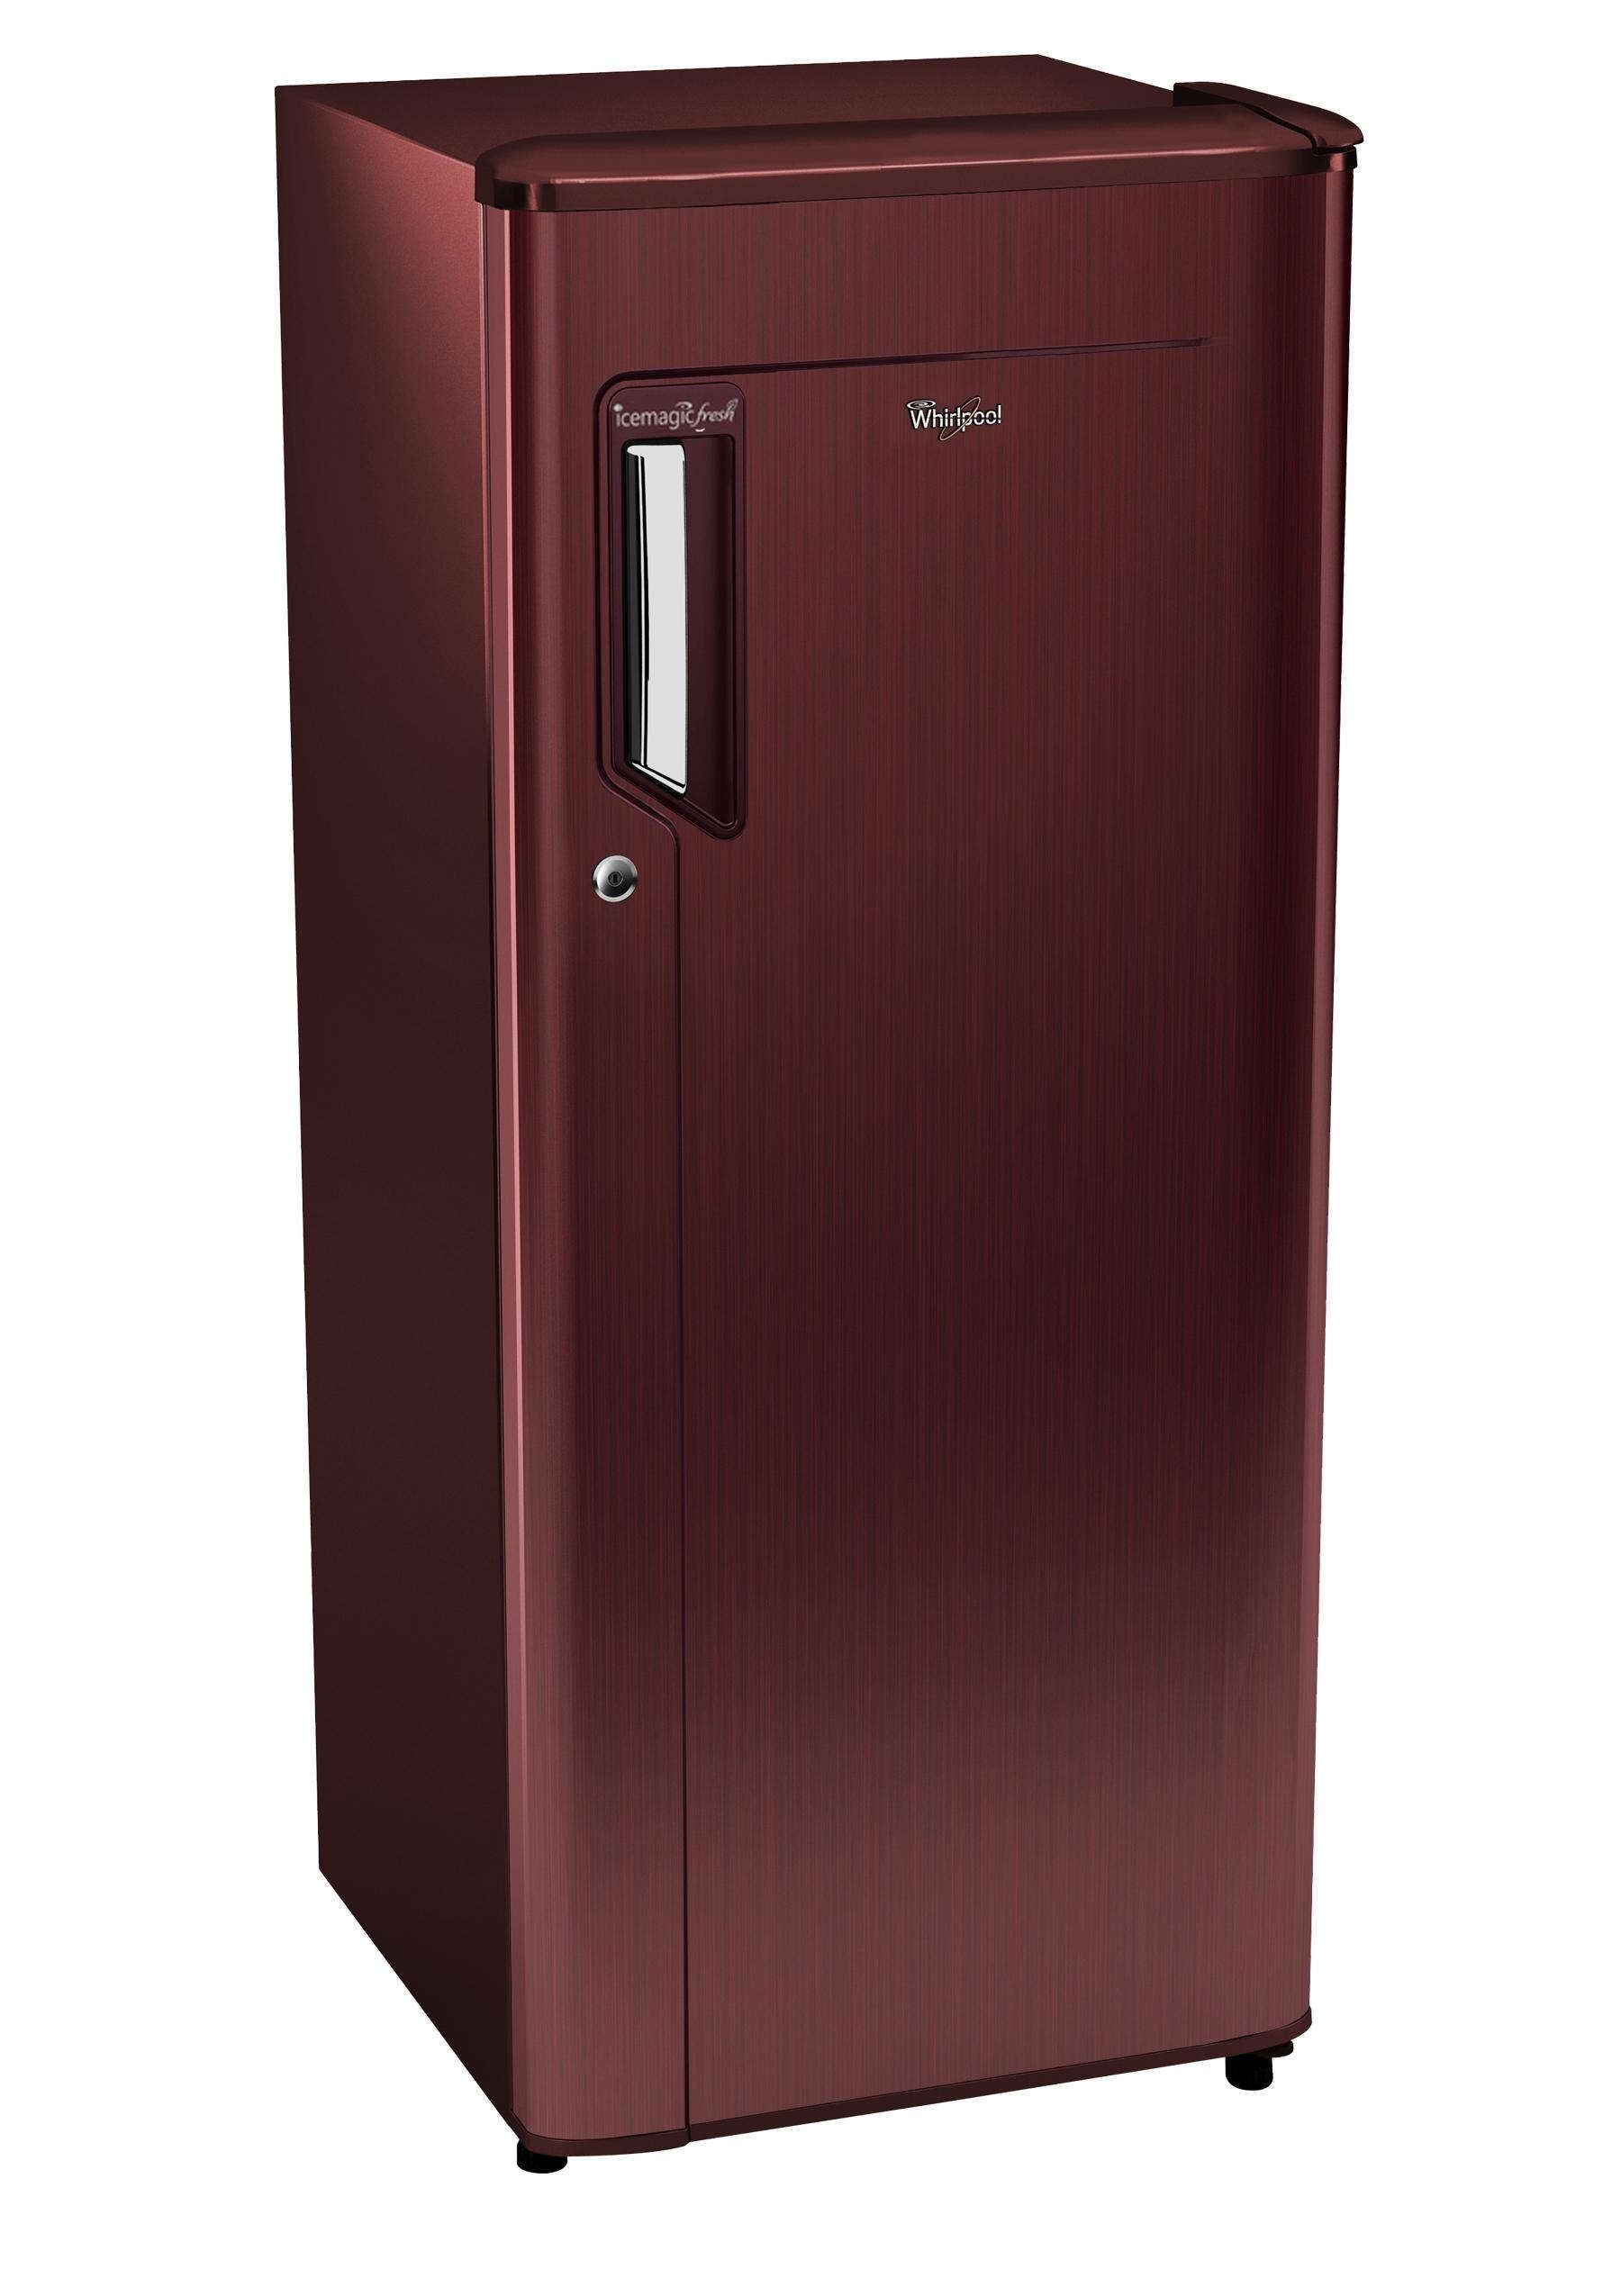 Buy Whirlpool Double Door Refrigerator Online India \